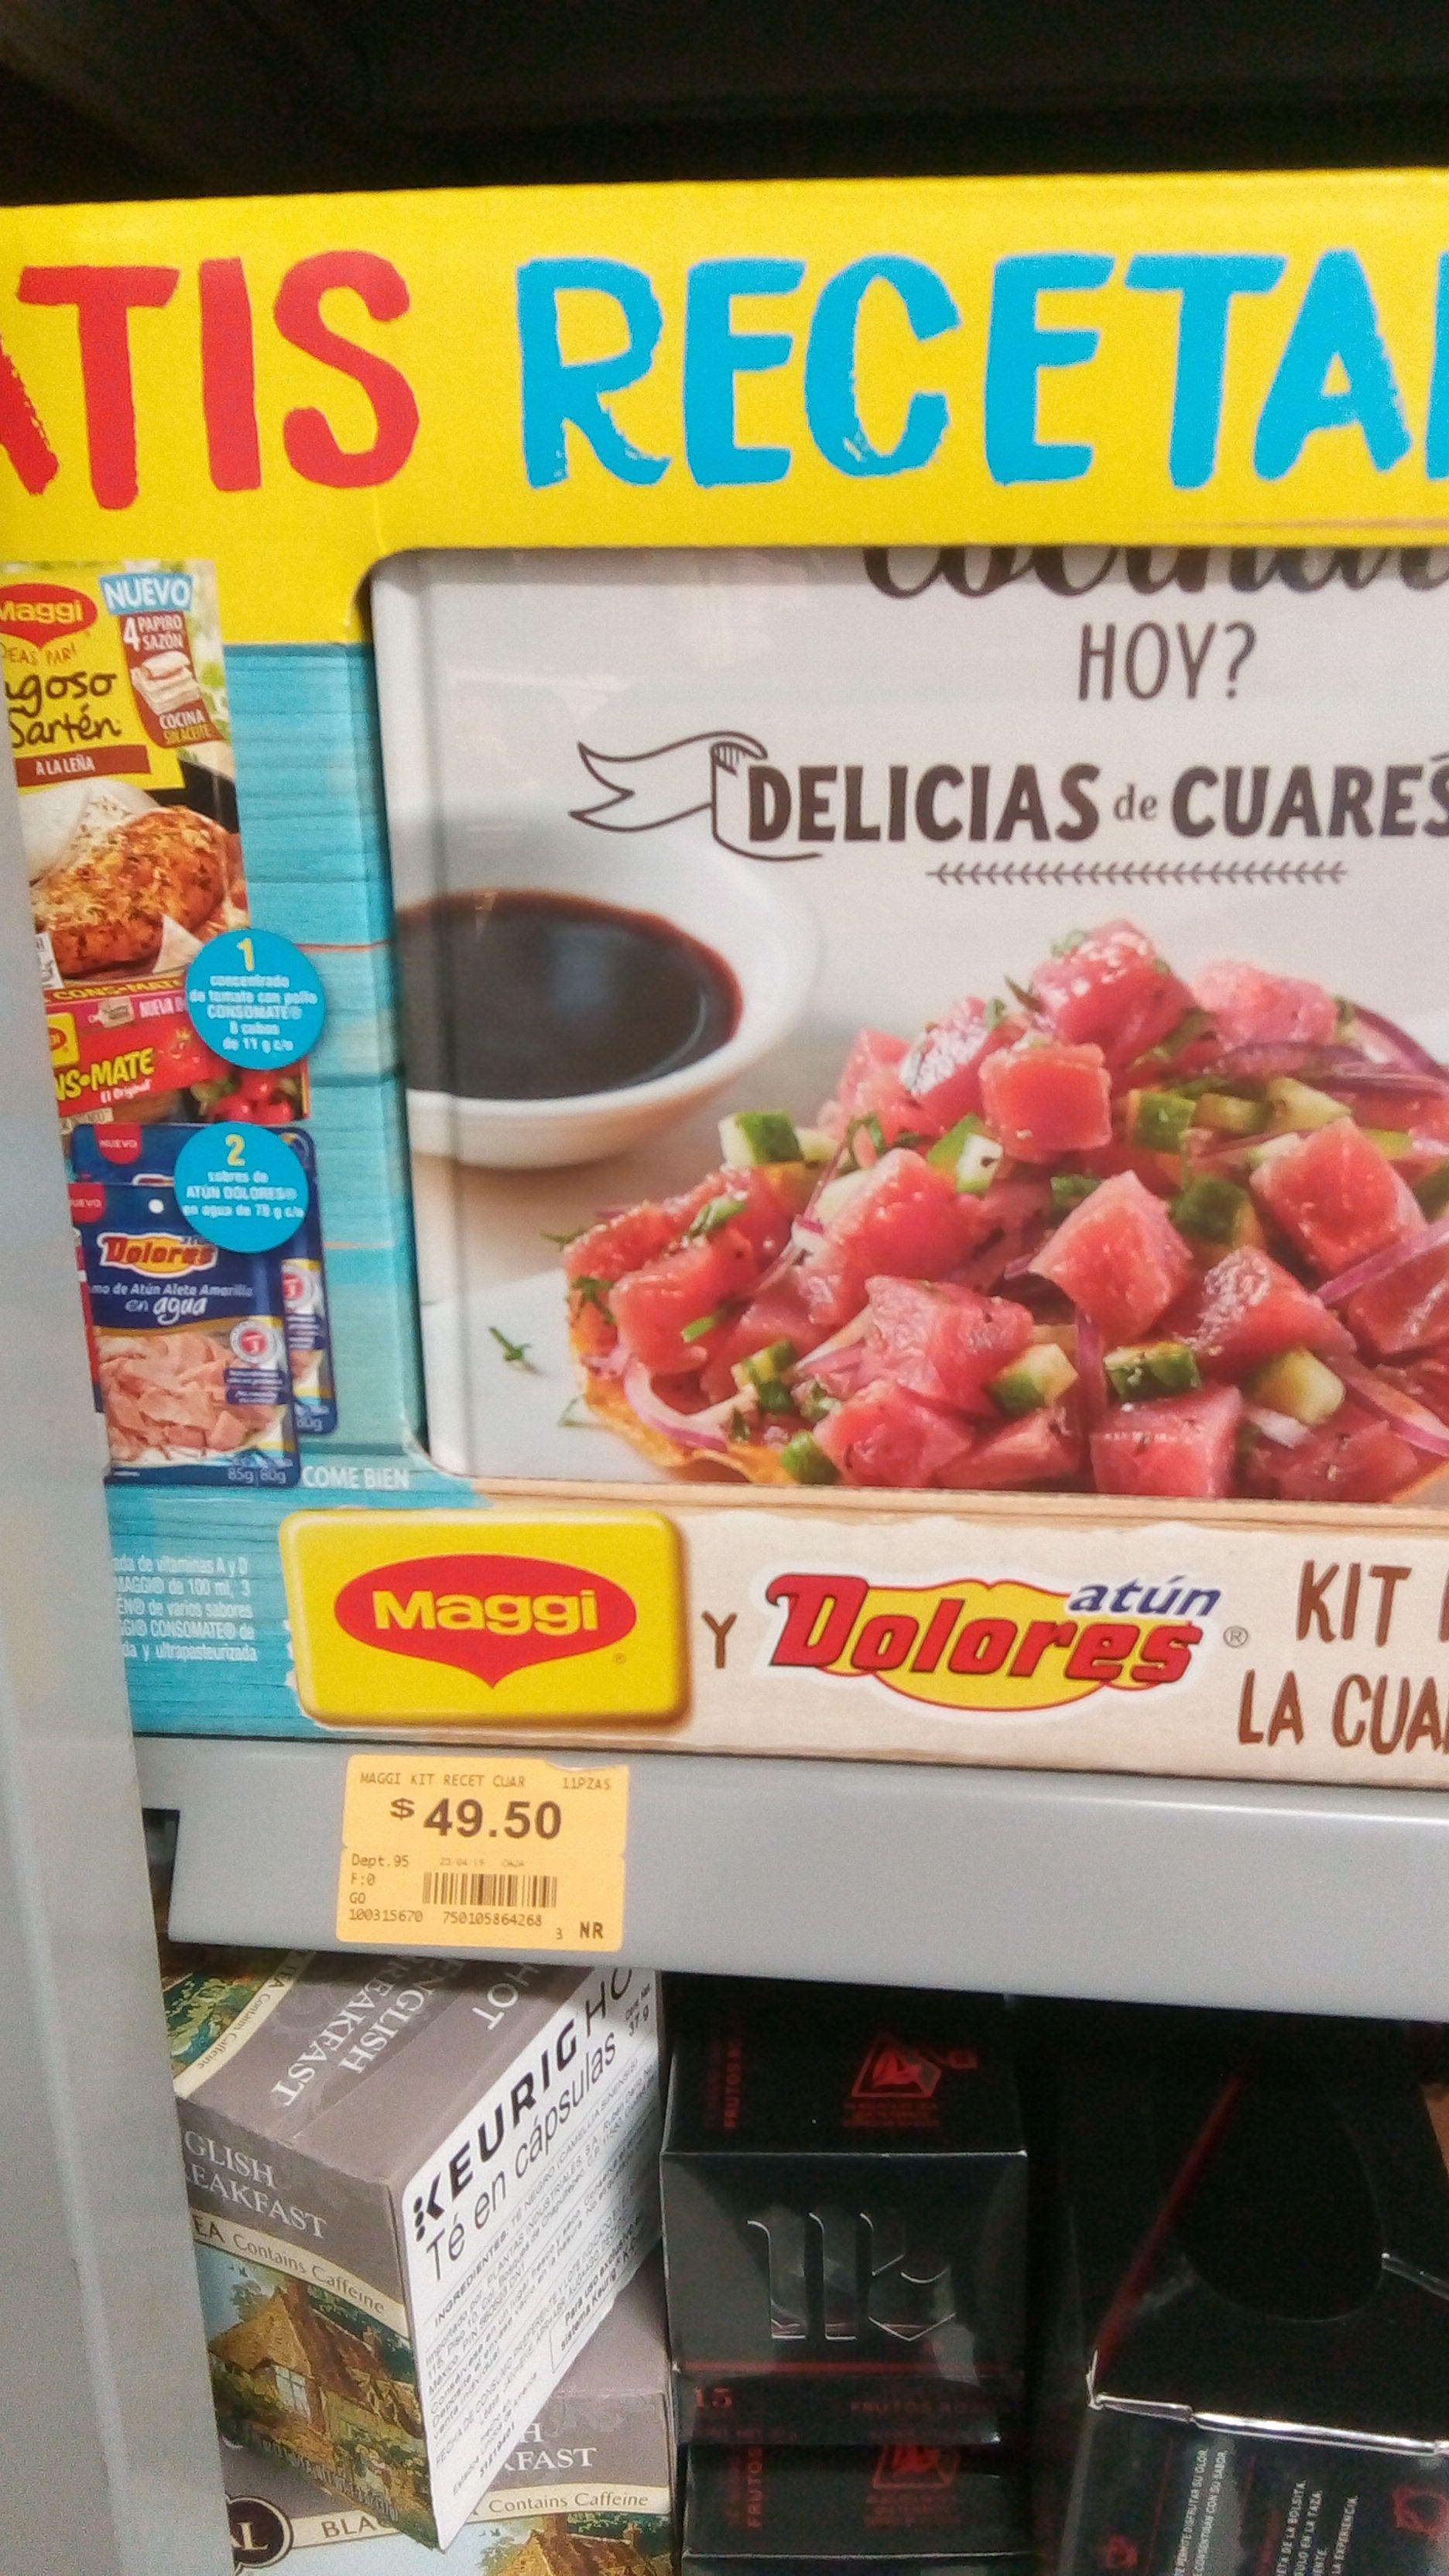 Superama Mérida: Kit cuaresma